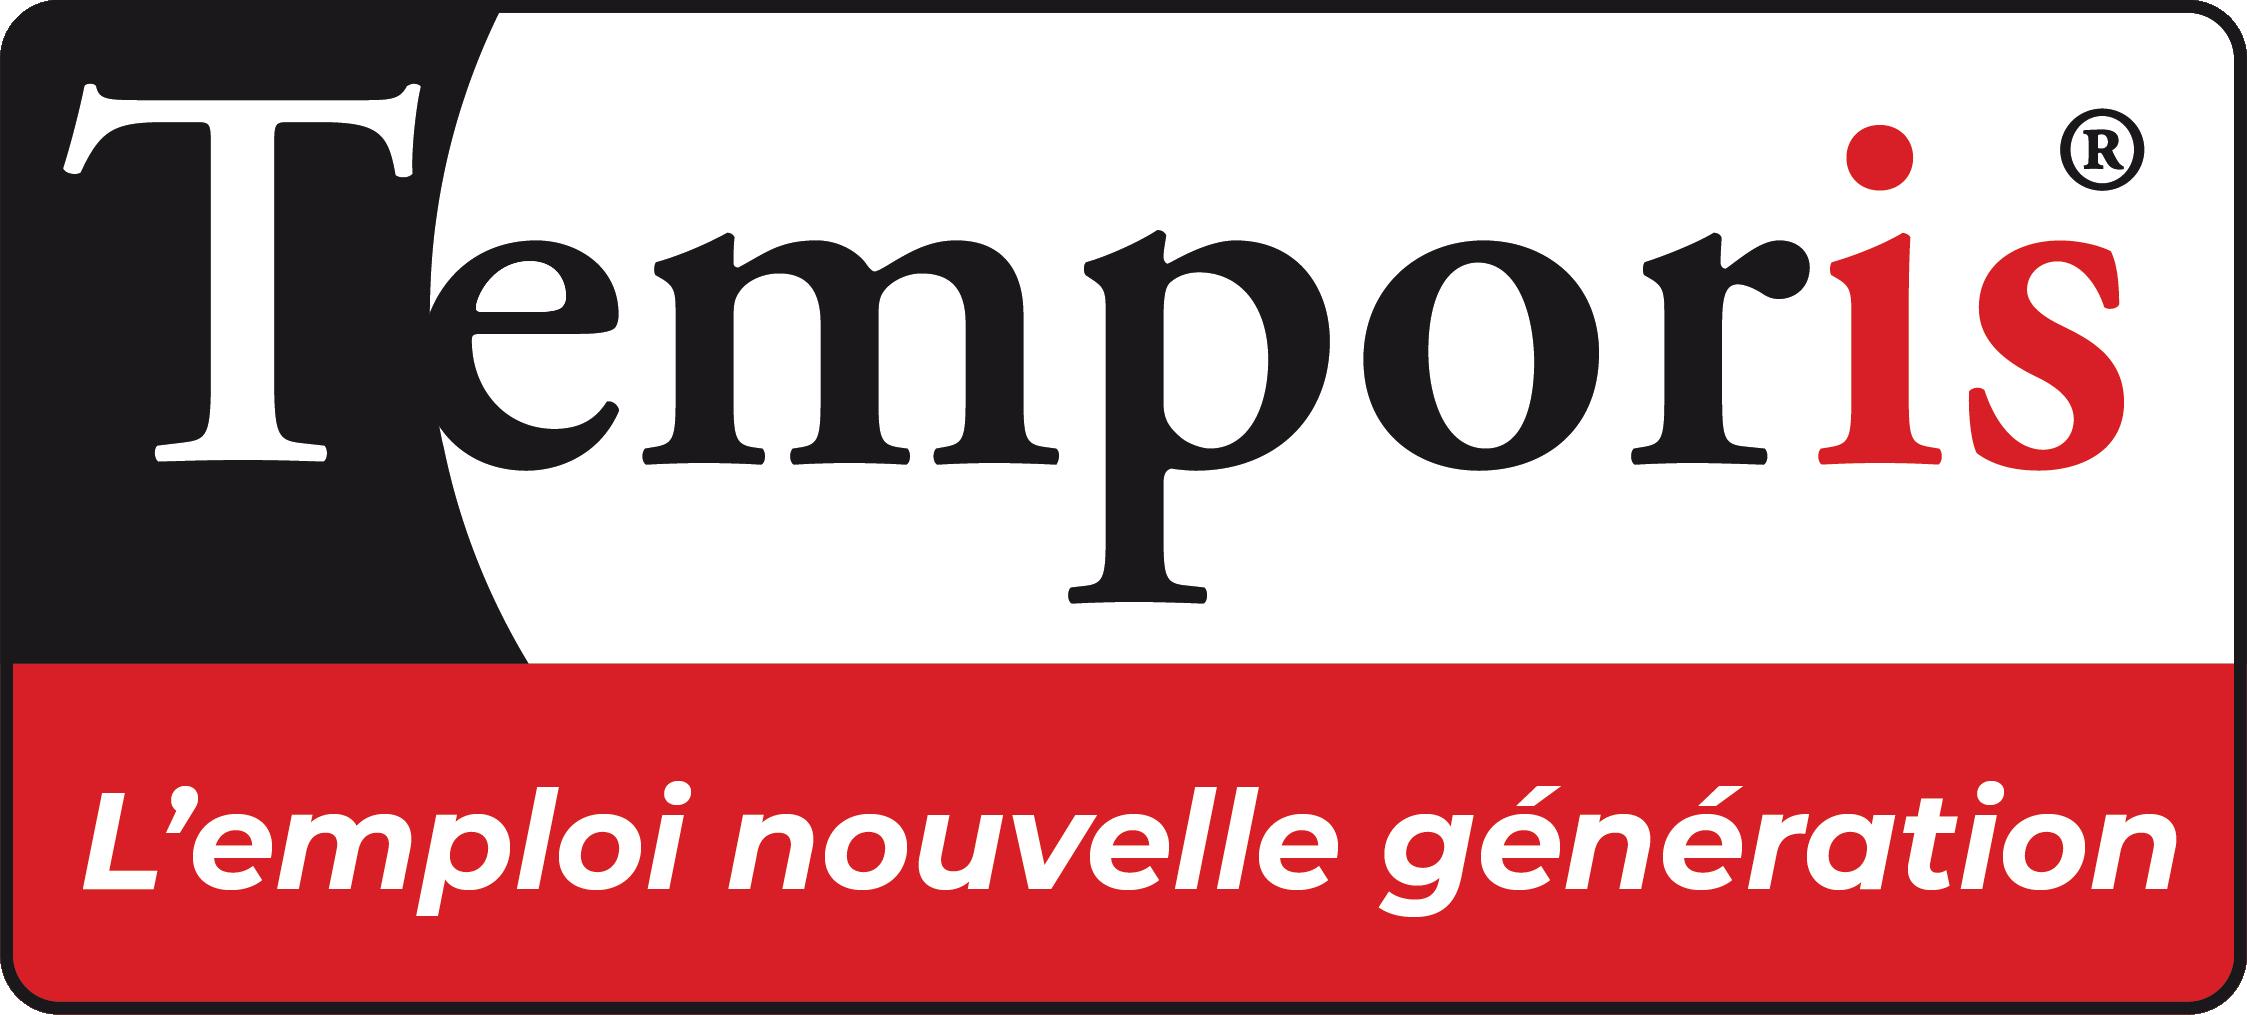 Temporis - Valoris